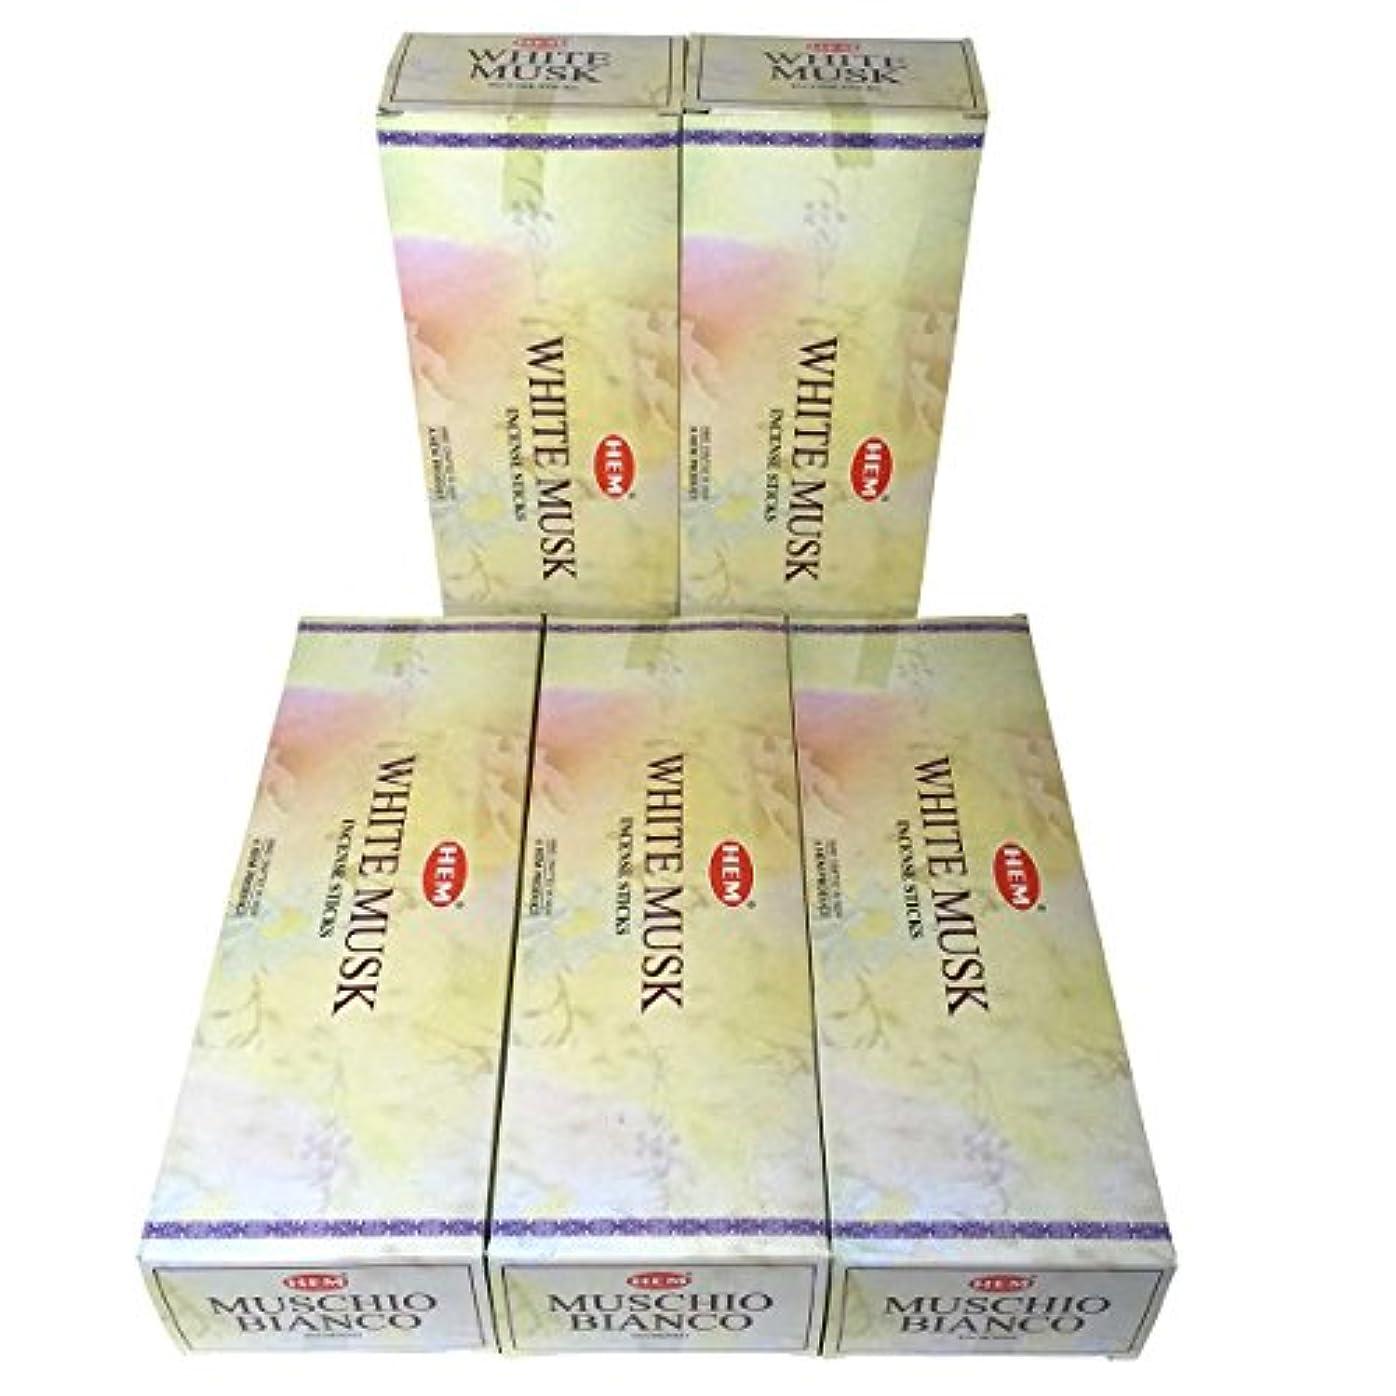 断言する意志降雨HEM ホワイトムスク香 スティック 5BOX(30箱)/HEM WHITE MUSK/ インド香 / 送料無料 [並行輸入品]